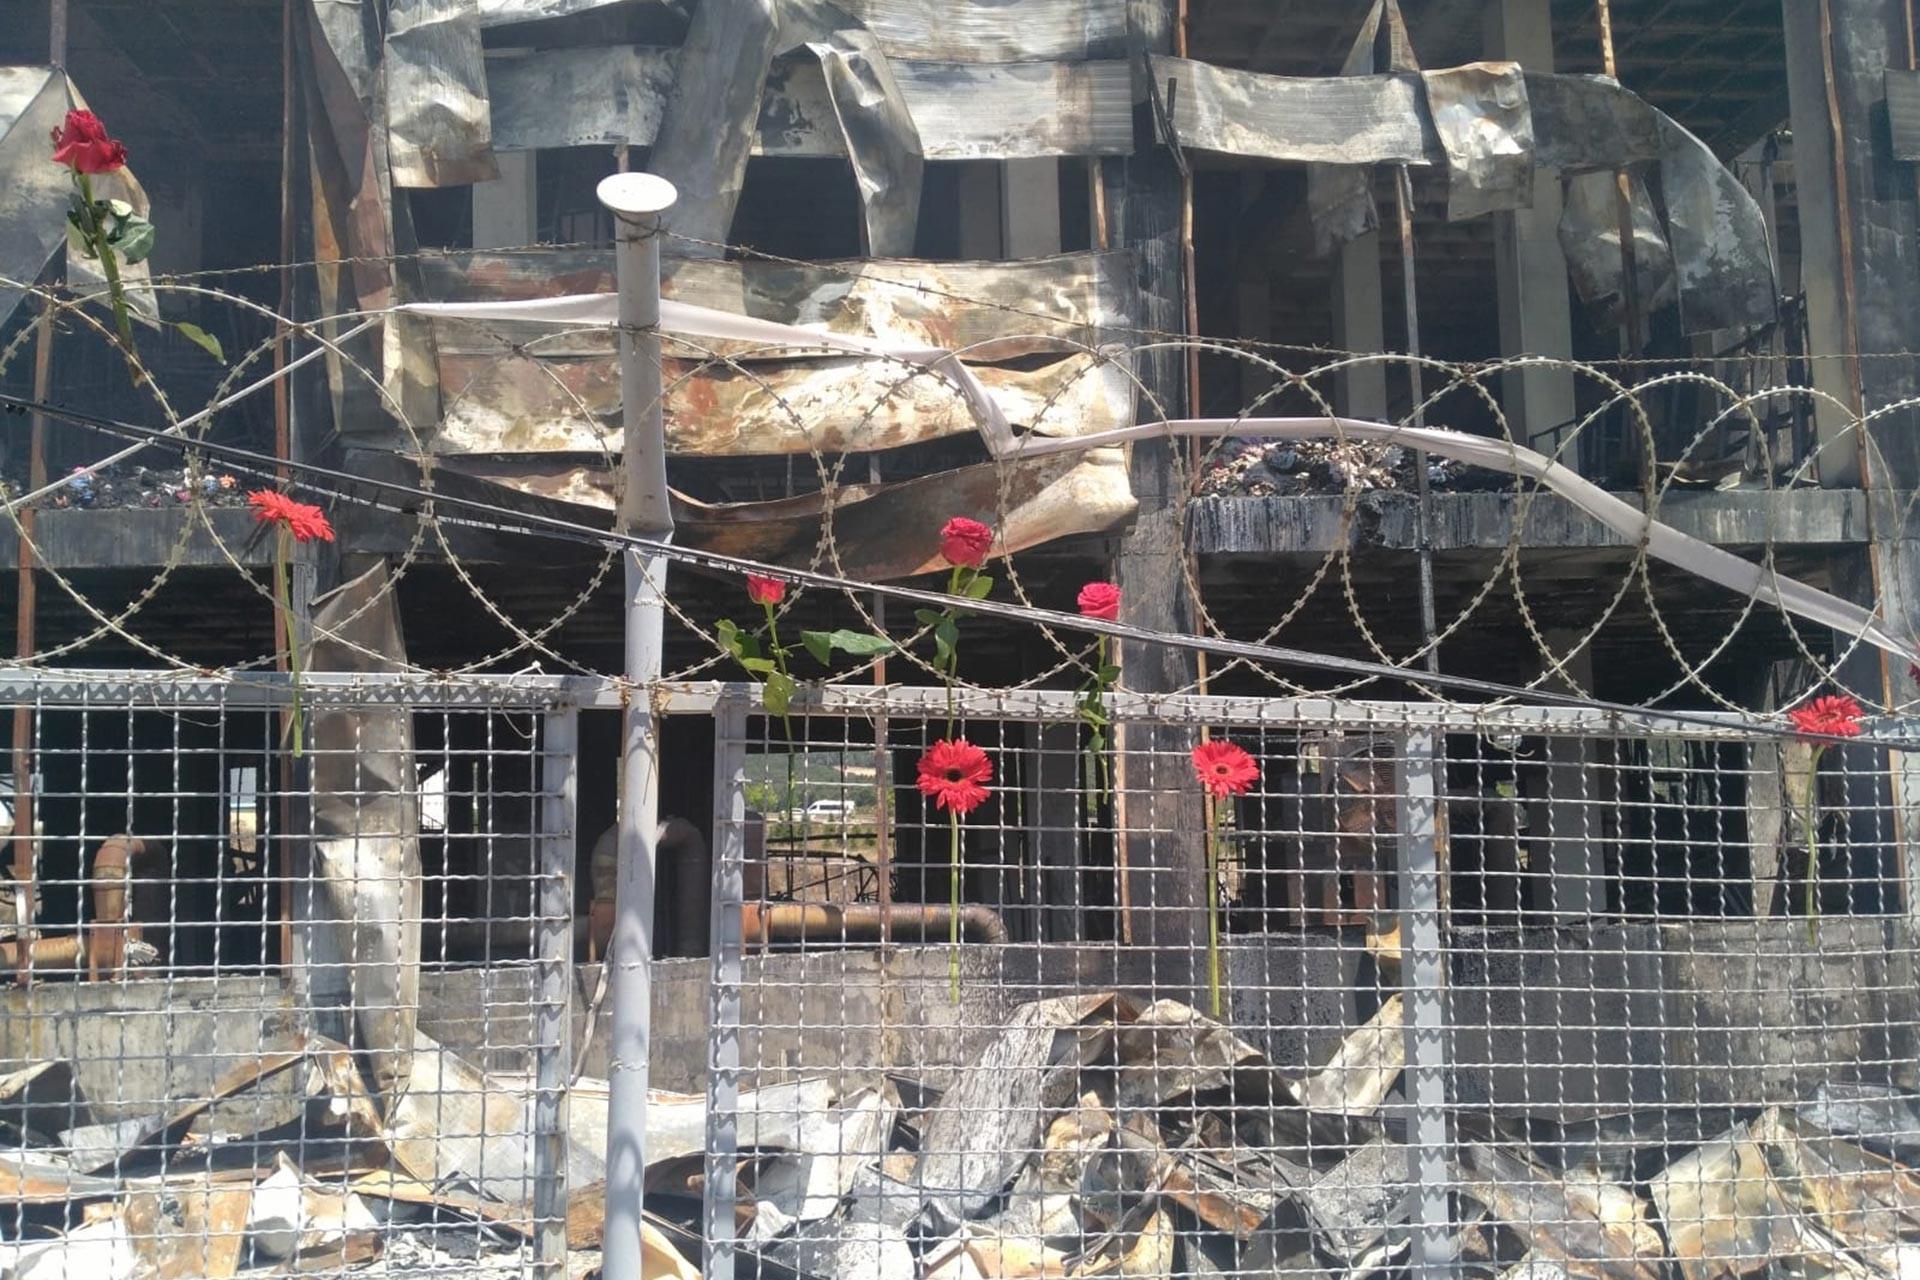 Akpınar Tekstil'de hayatını kaybeden işçiler için fabrika önüne karanfiller bırakıldı